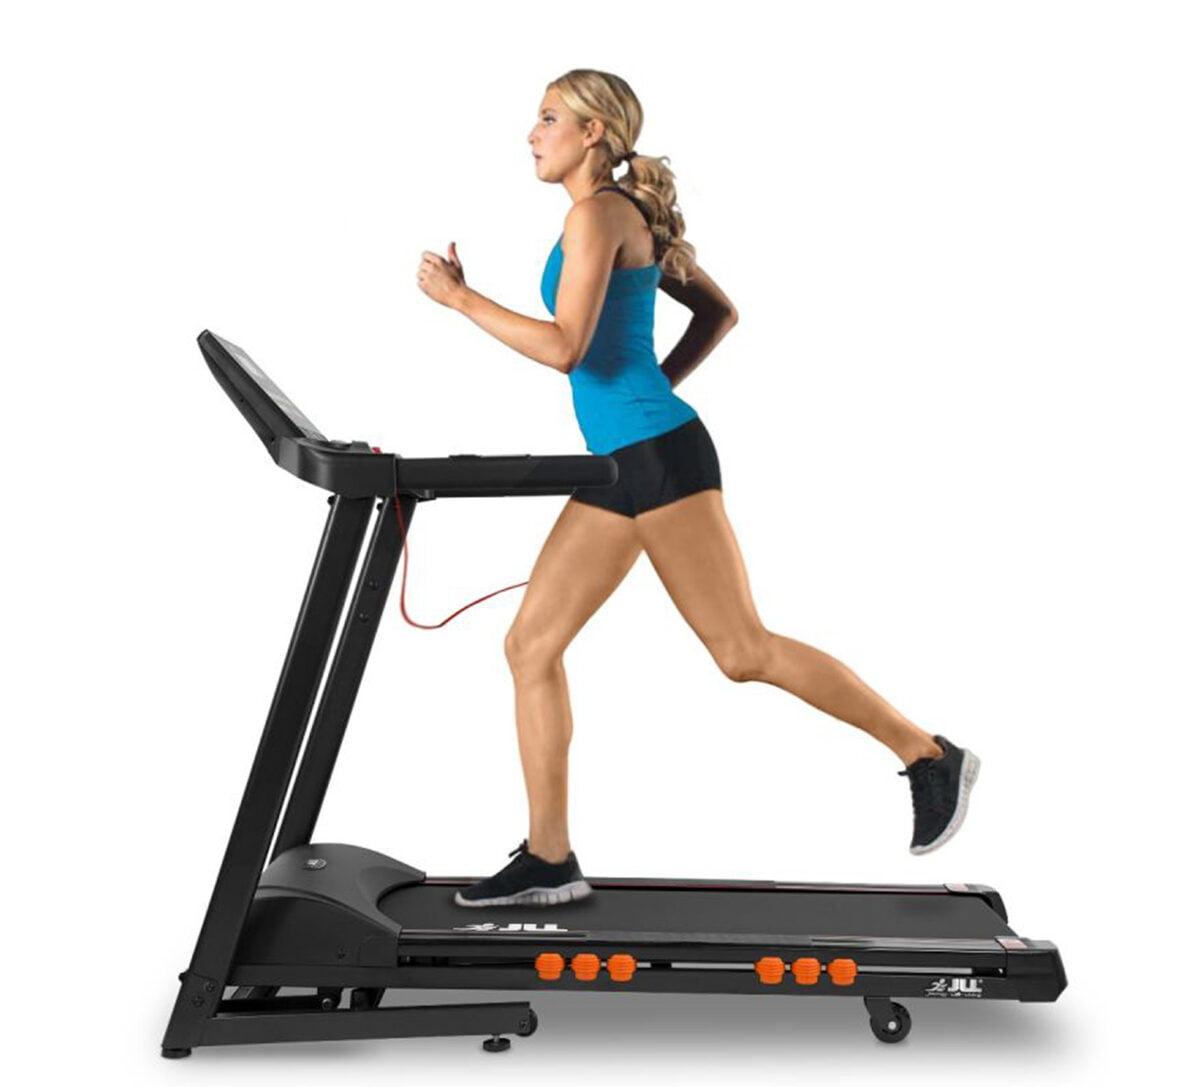 JLL T350 Digital Folding Treadmill comparison